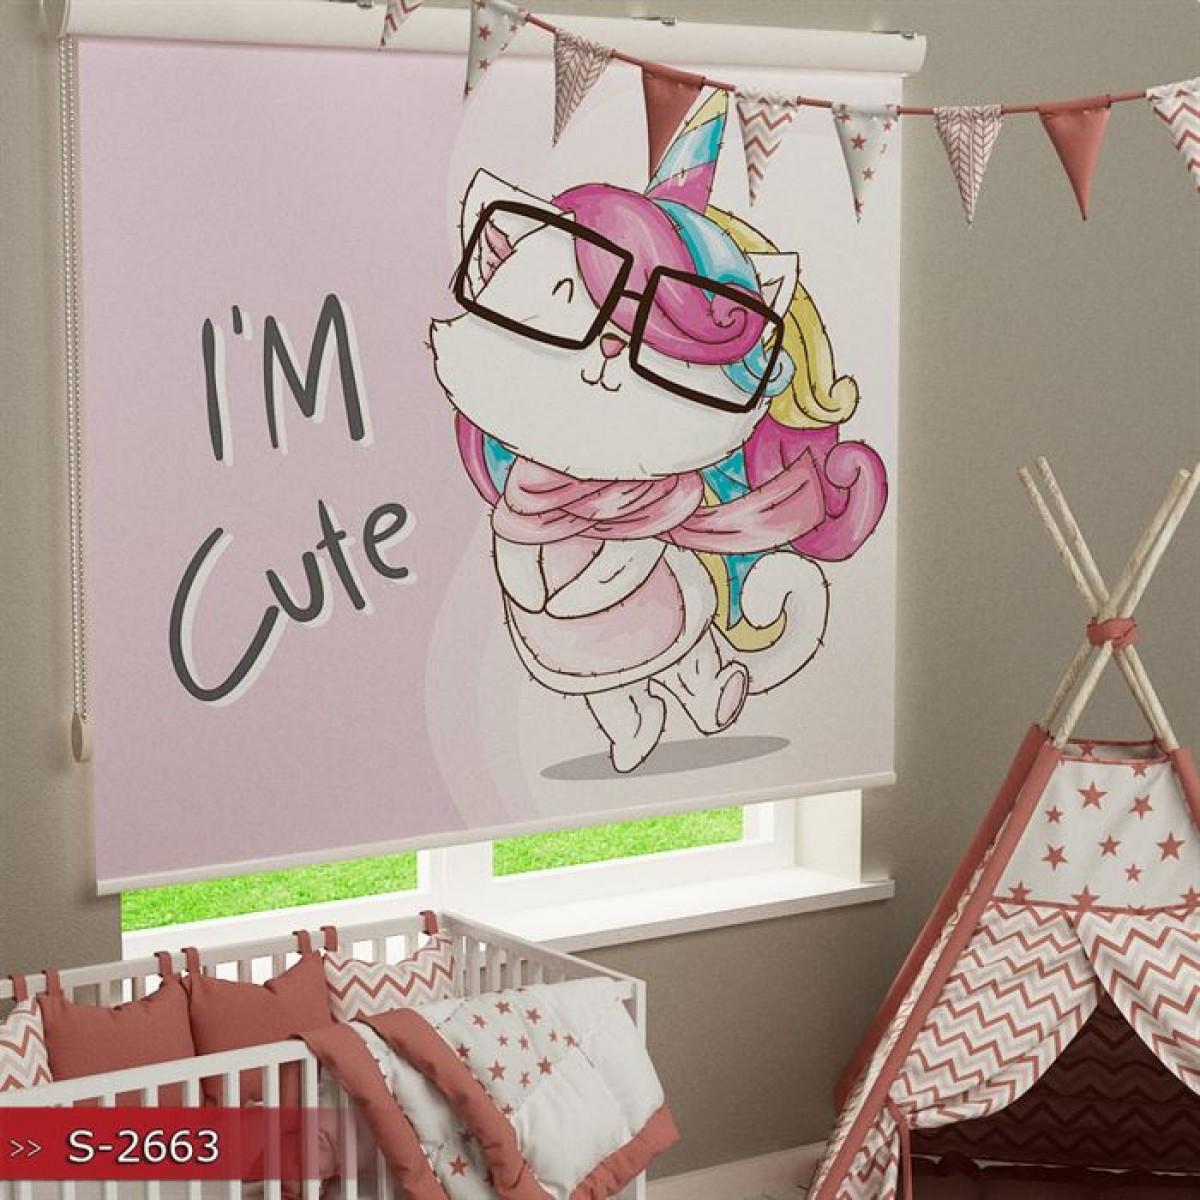 Bebek Odası - I'm Cute  Baskılı Stor Perde - (GÜNEŞLİK)